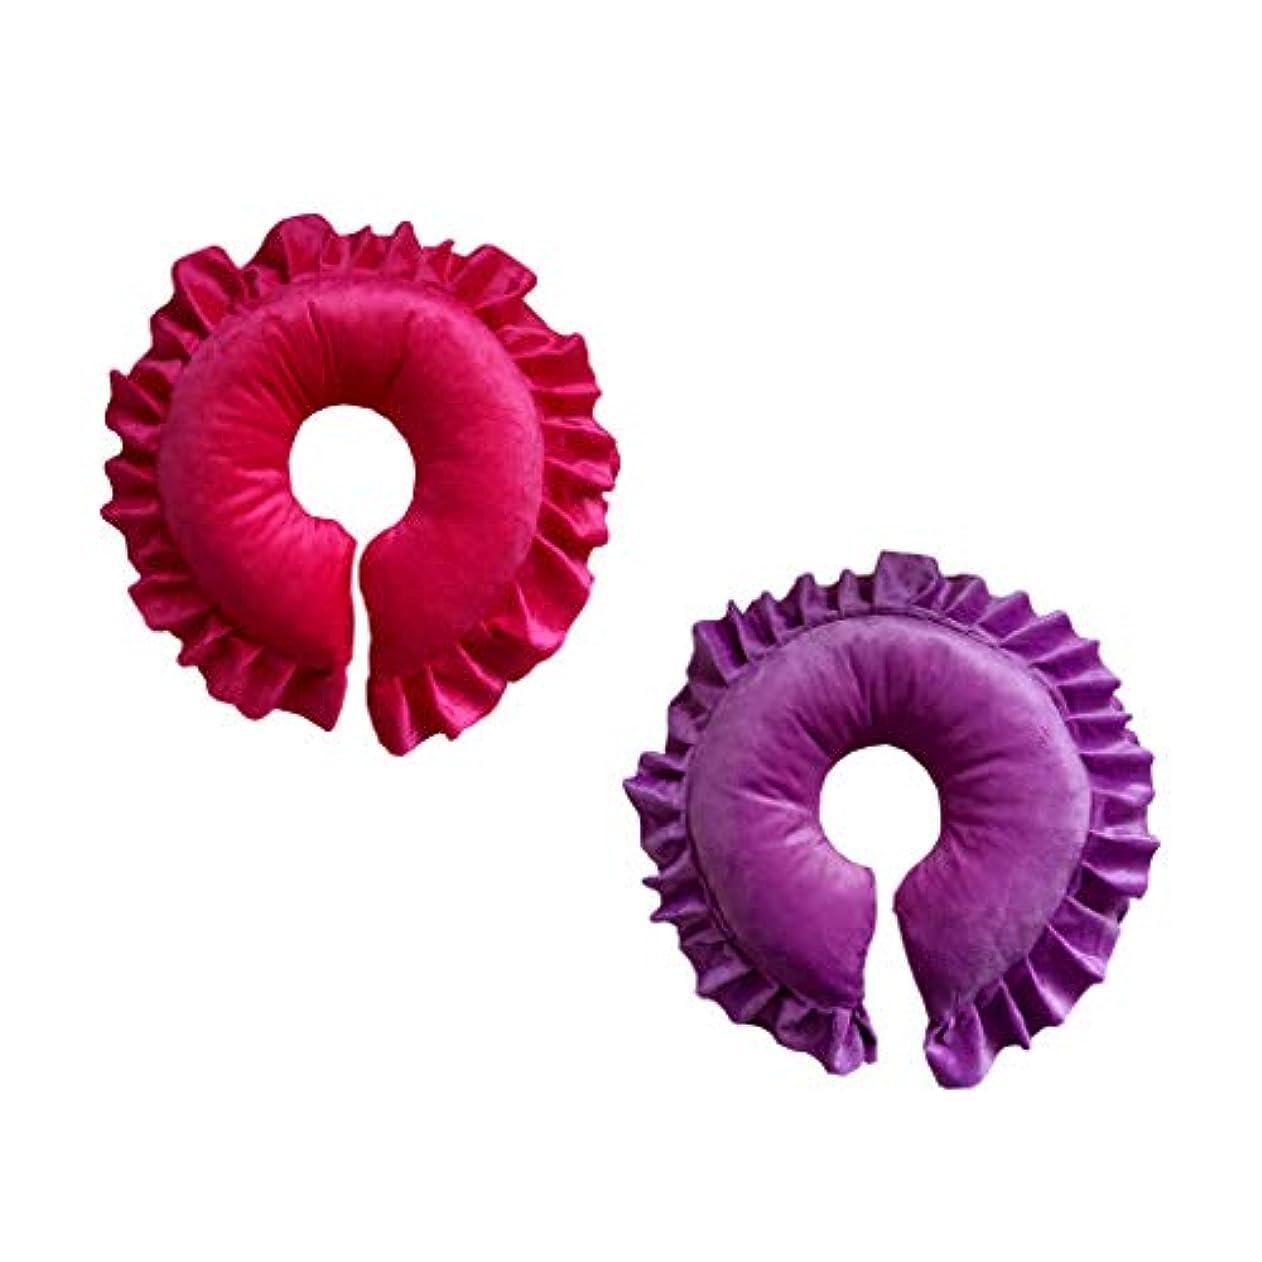 設計矢教会Prettyia 2個入り フェイスピロー マッサージ枕 クッション サロン スパ 快適 実用的 紫&赤